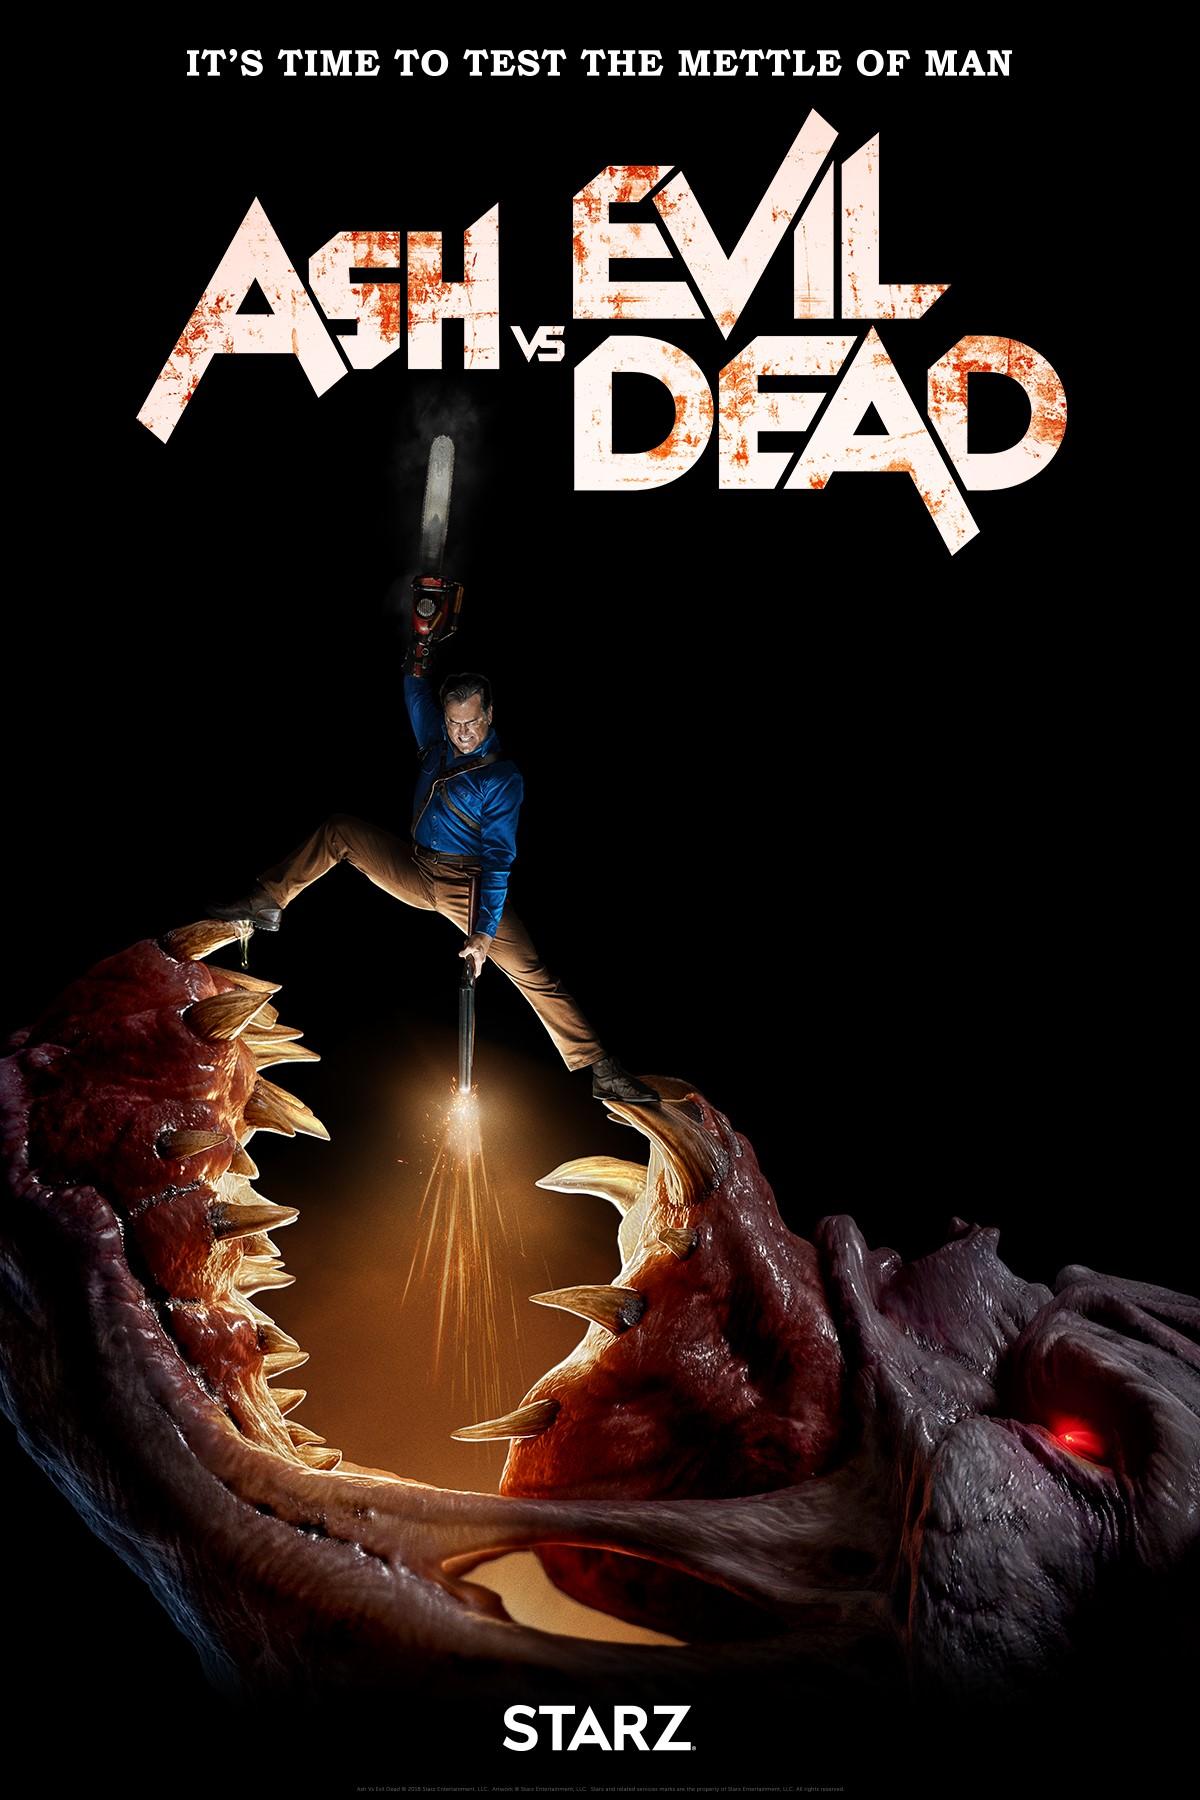 ASH VS EVIL DEAD SAISON 3: STARZ DÉVOILE UNE BANDE-ANNONCE